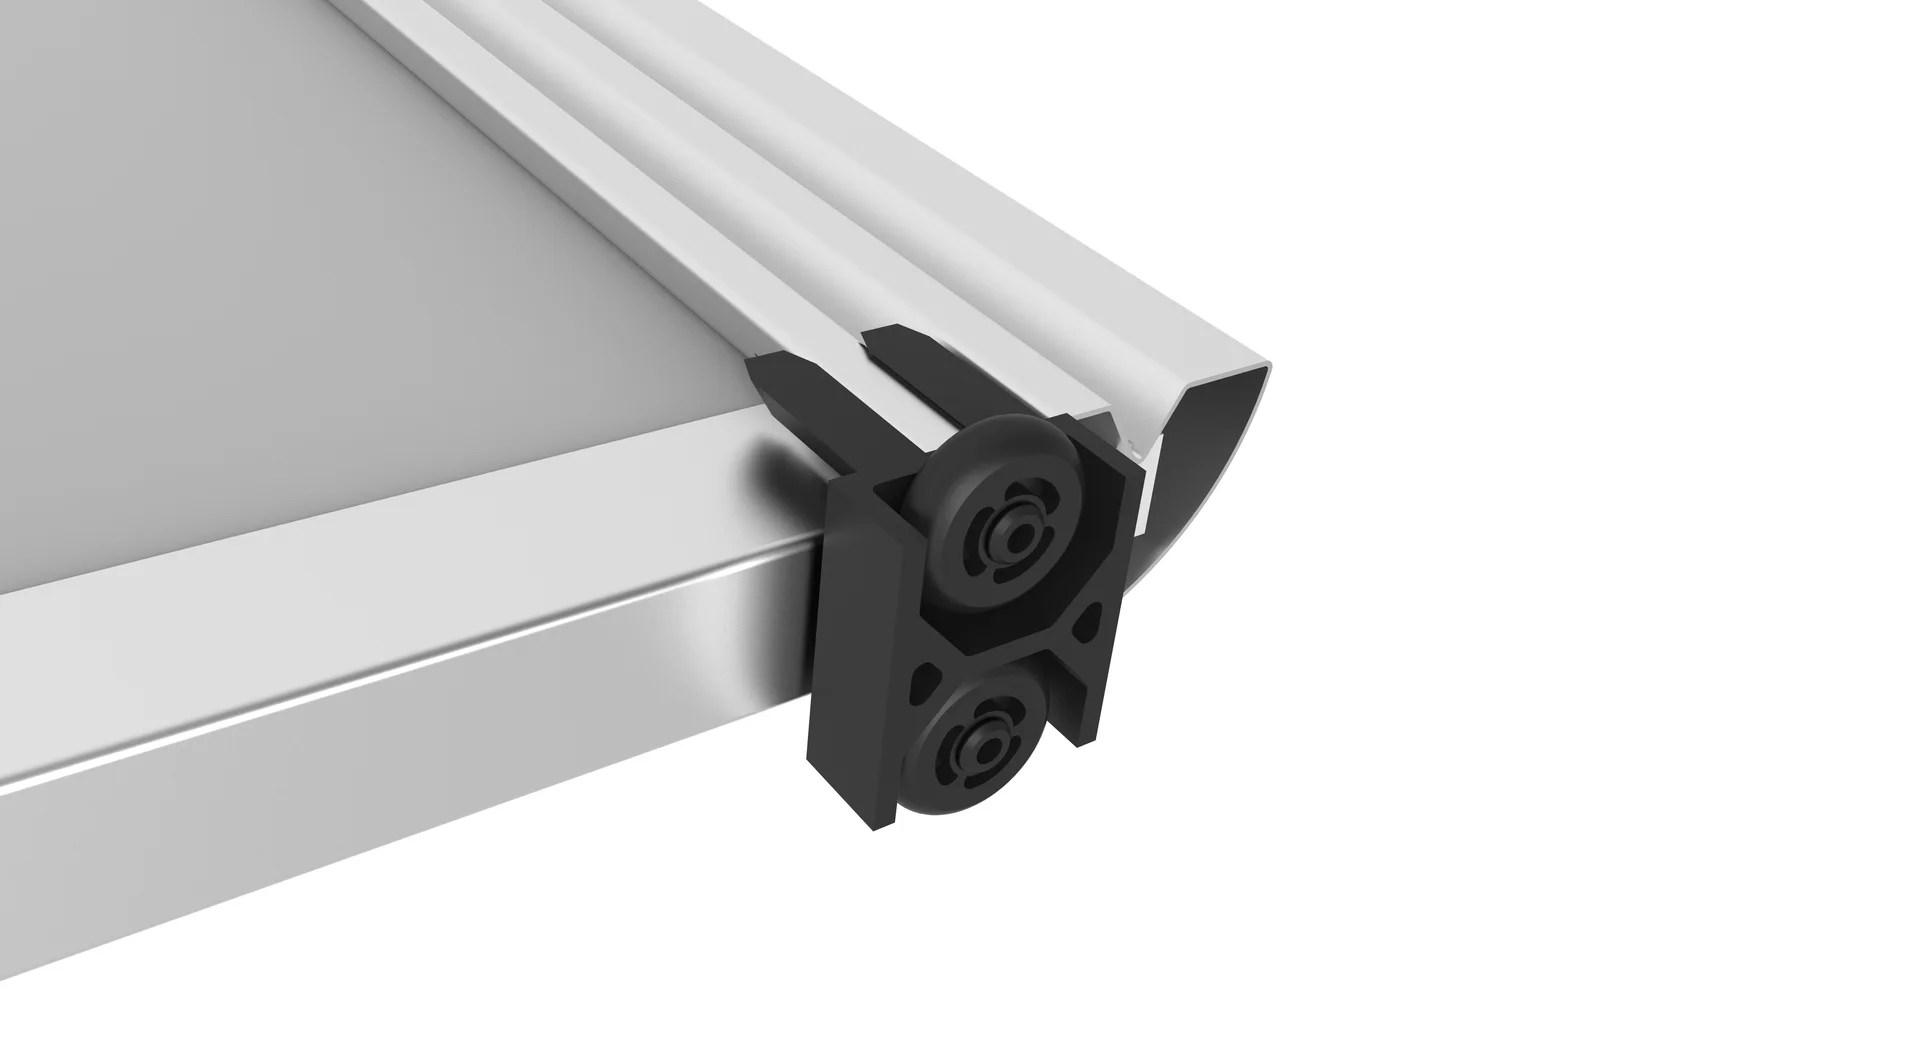 kit guide spaceo laque aluminium l 15 7 cm